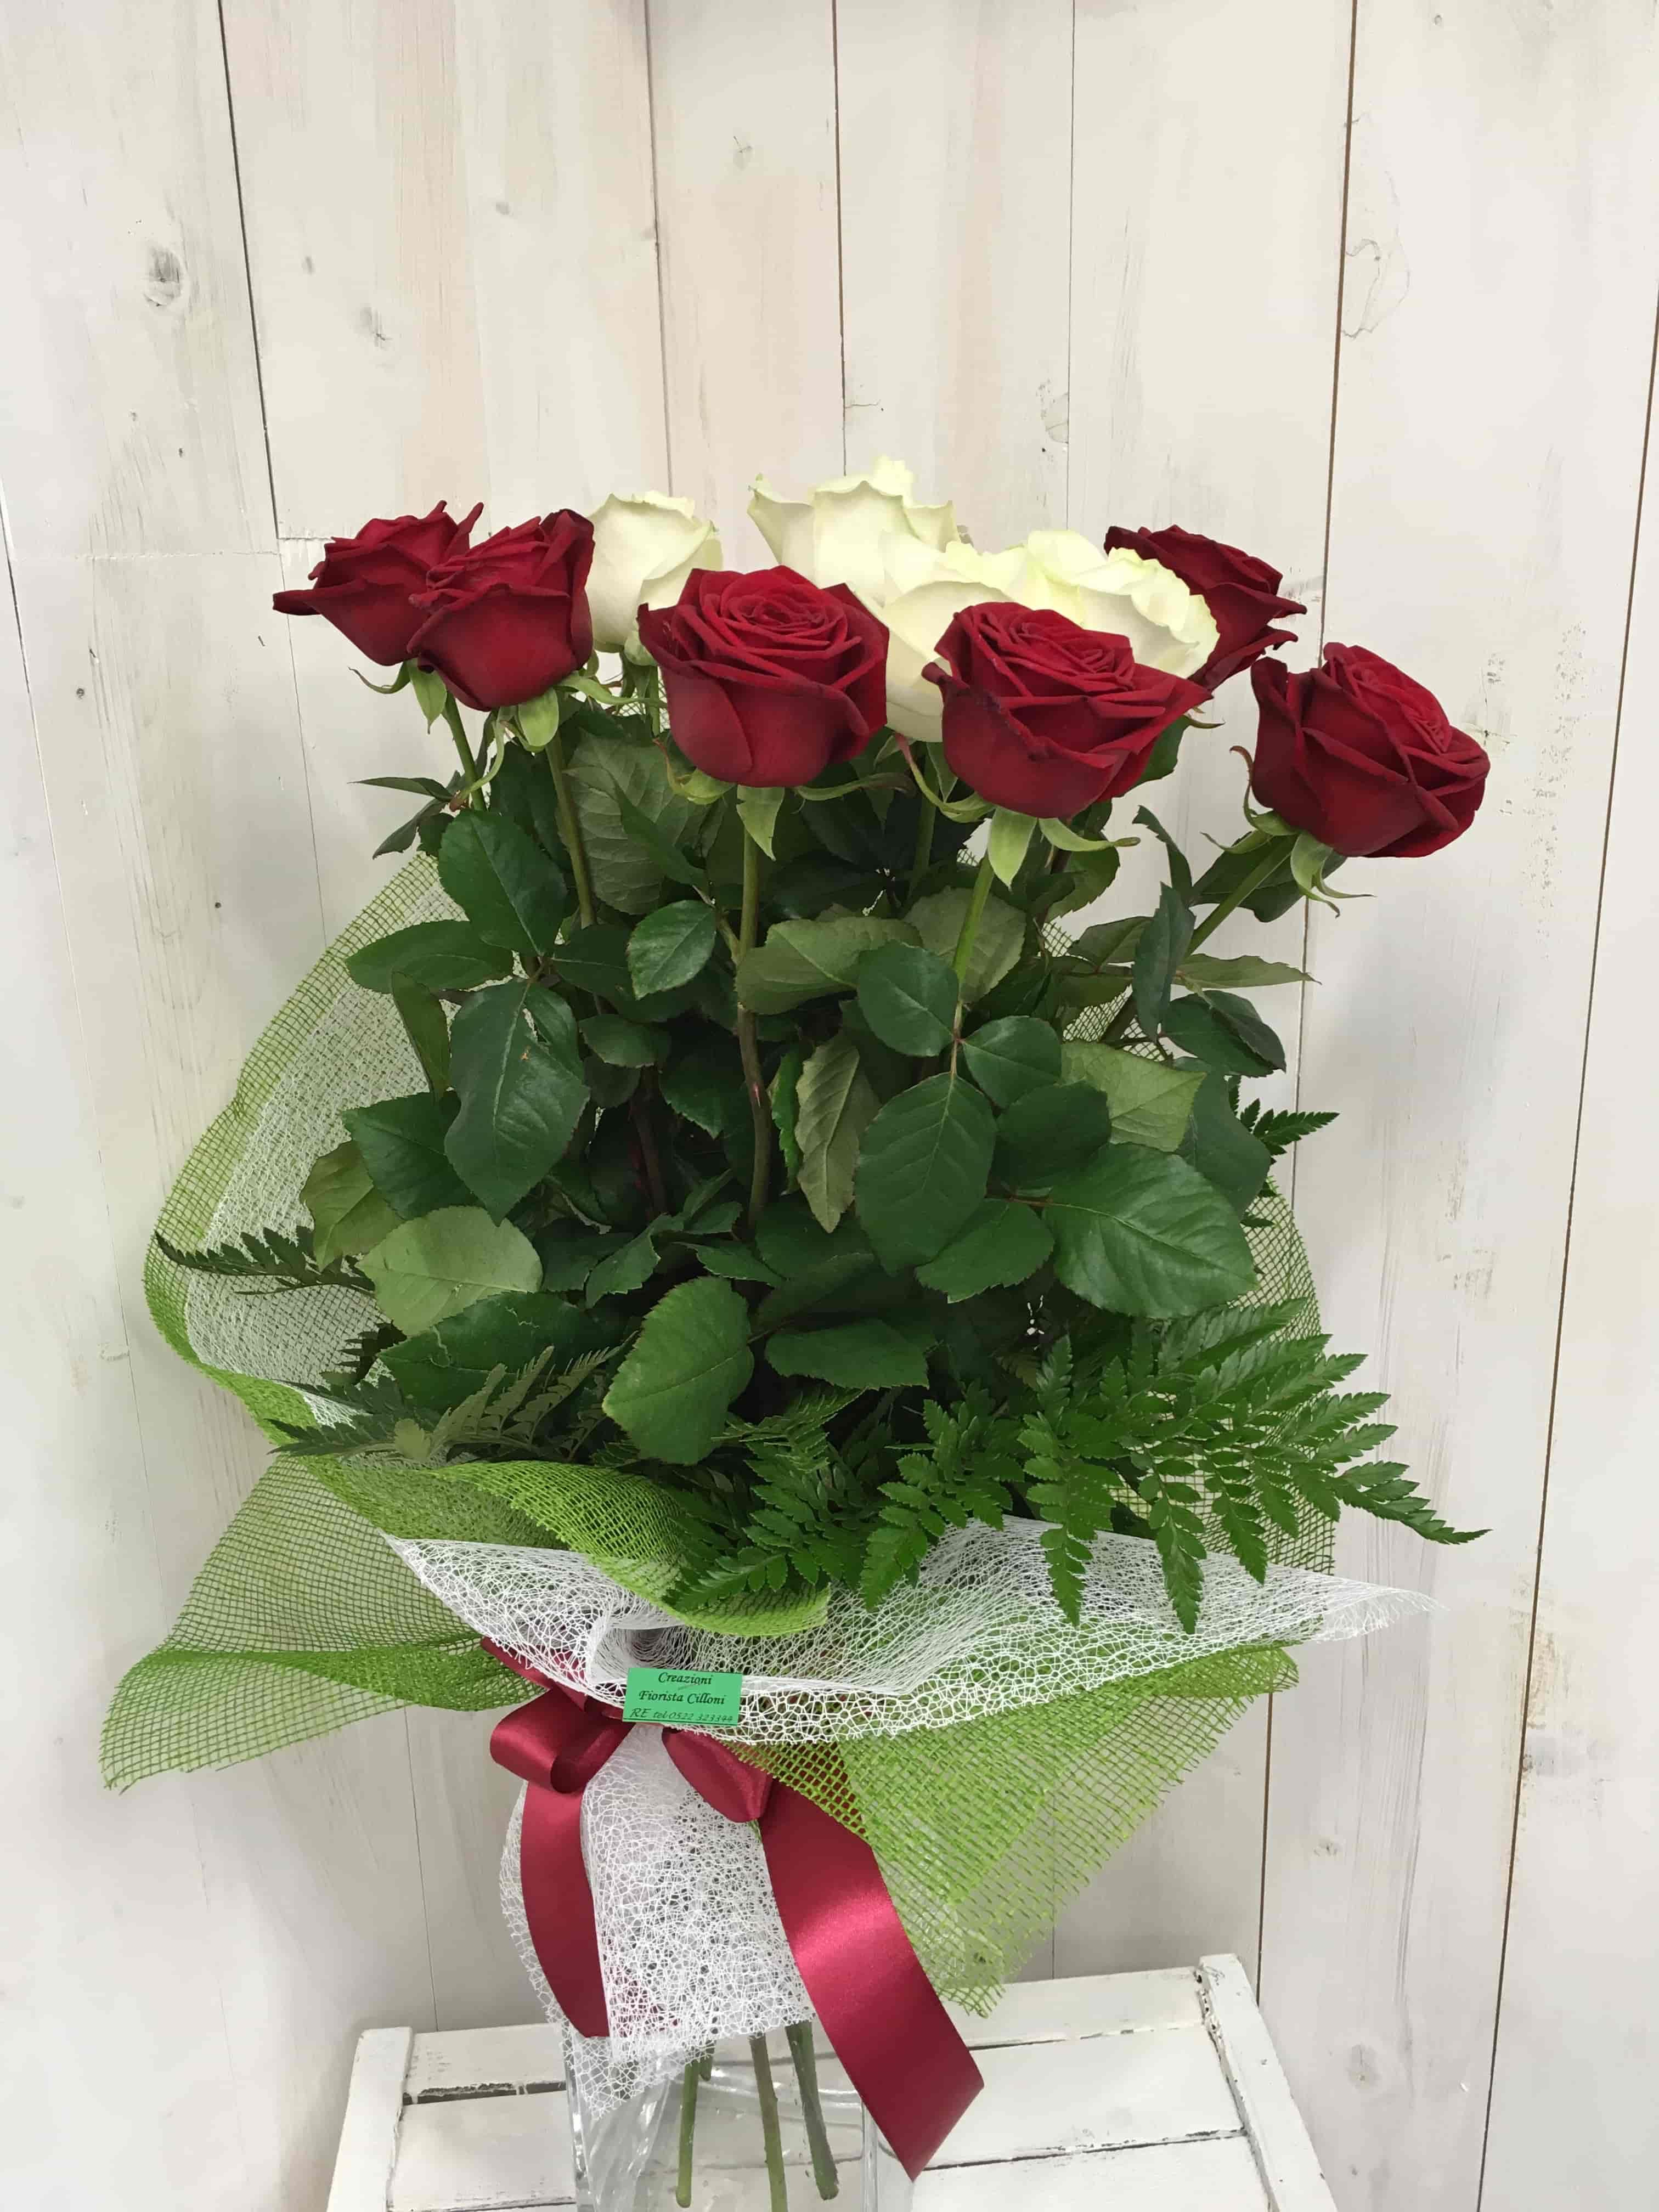 Mazzo a stelo lungo (80cm)di rose avlance(bianche) e red naomi(rosse)-min